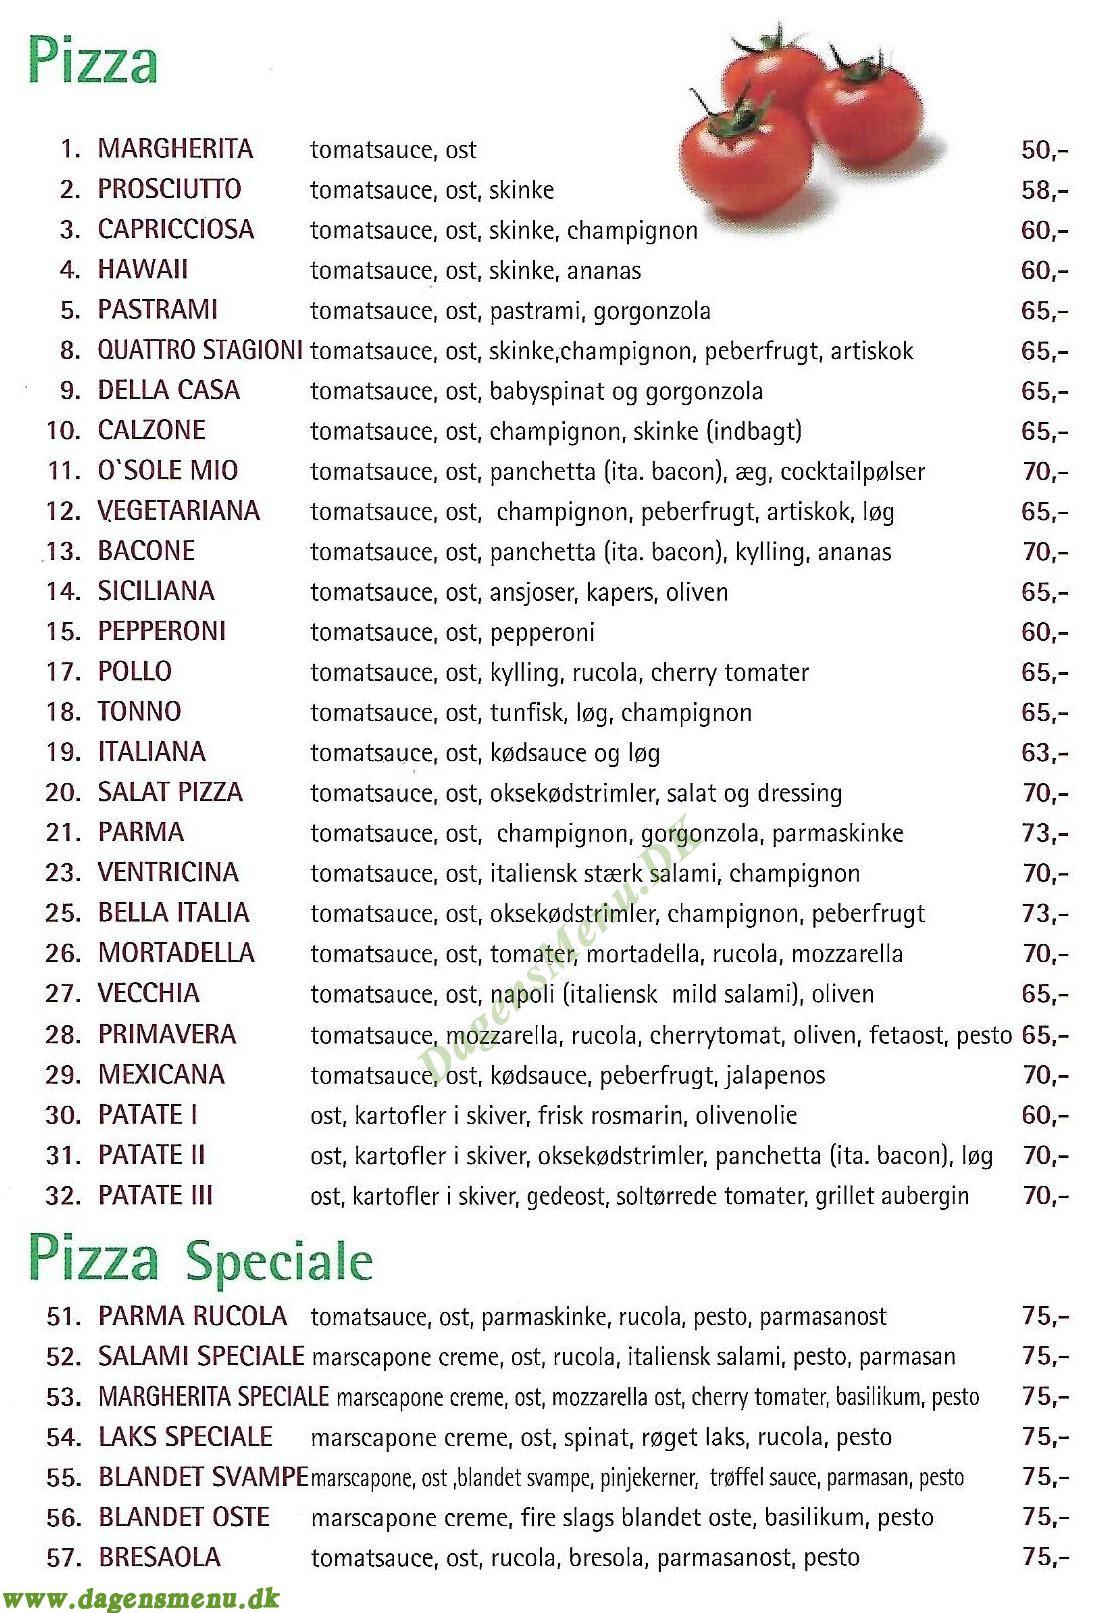 Le Quattro Stagioni pizza - Menukort